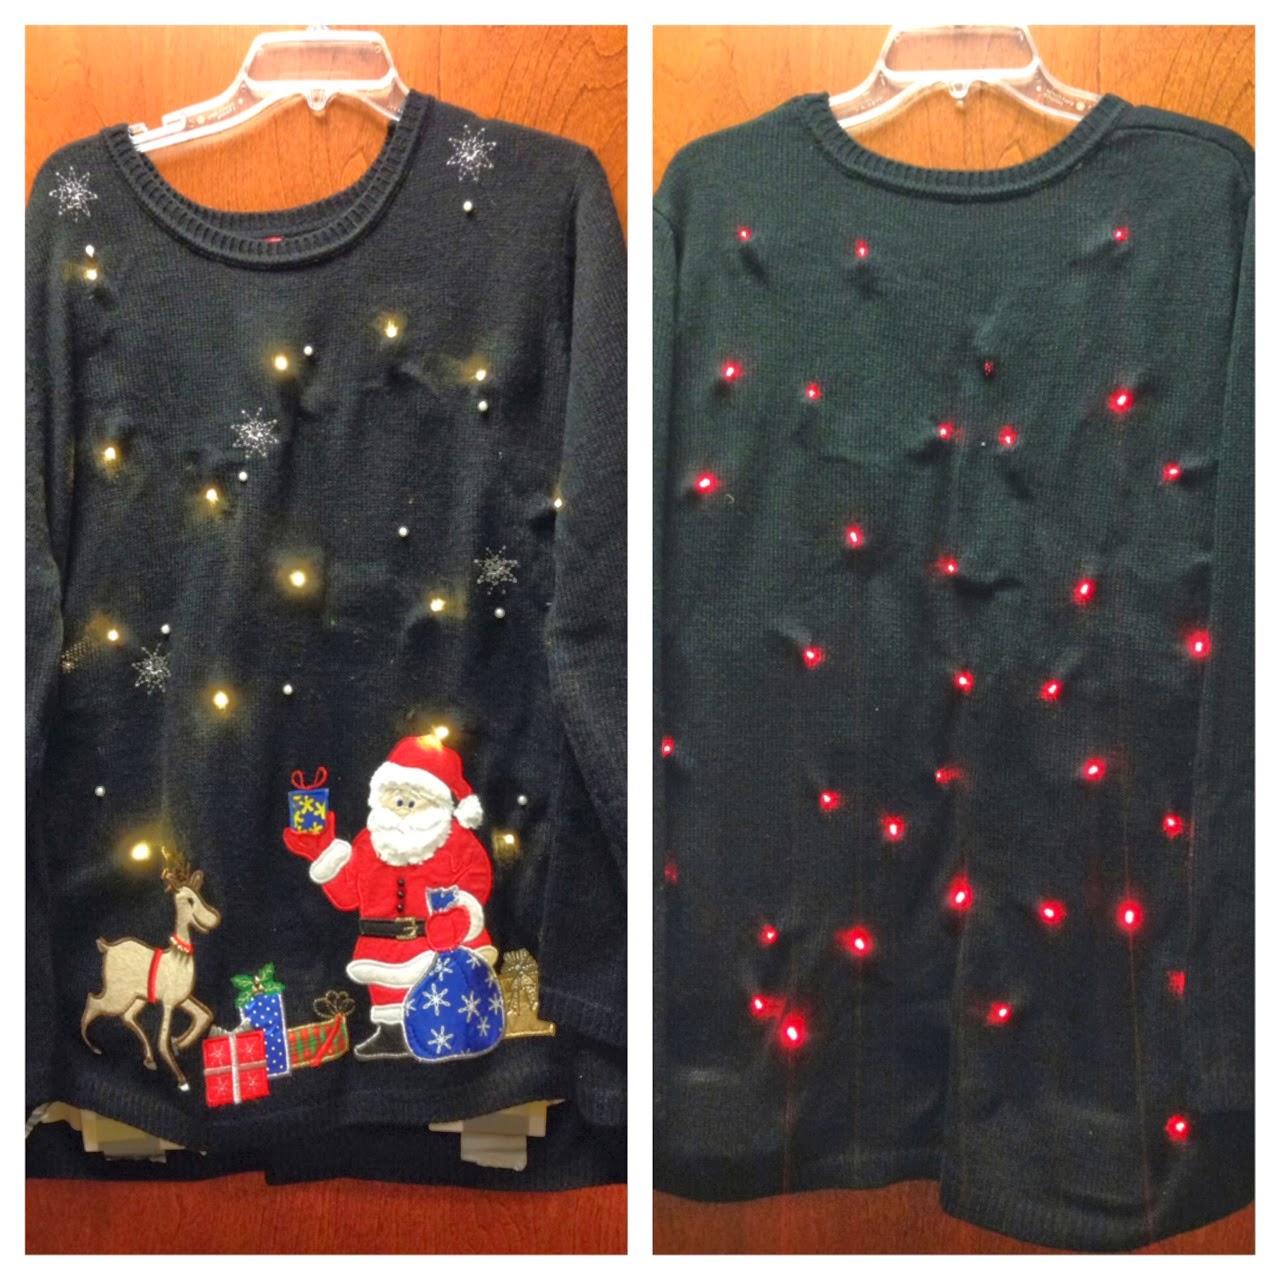 Lovely DIY Light Up Christmas Sweater